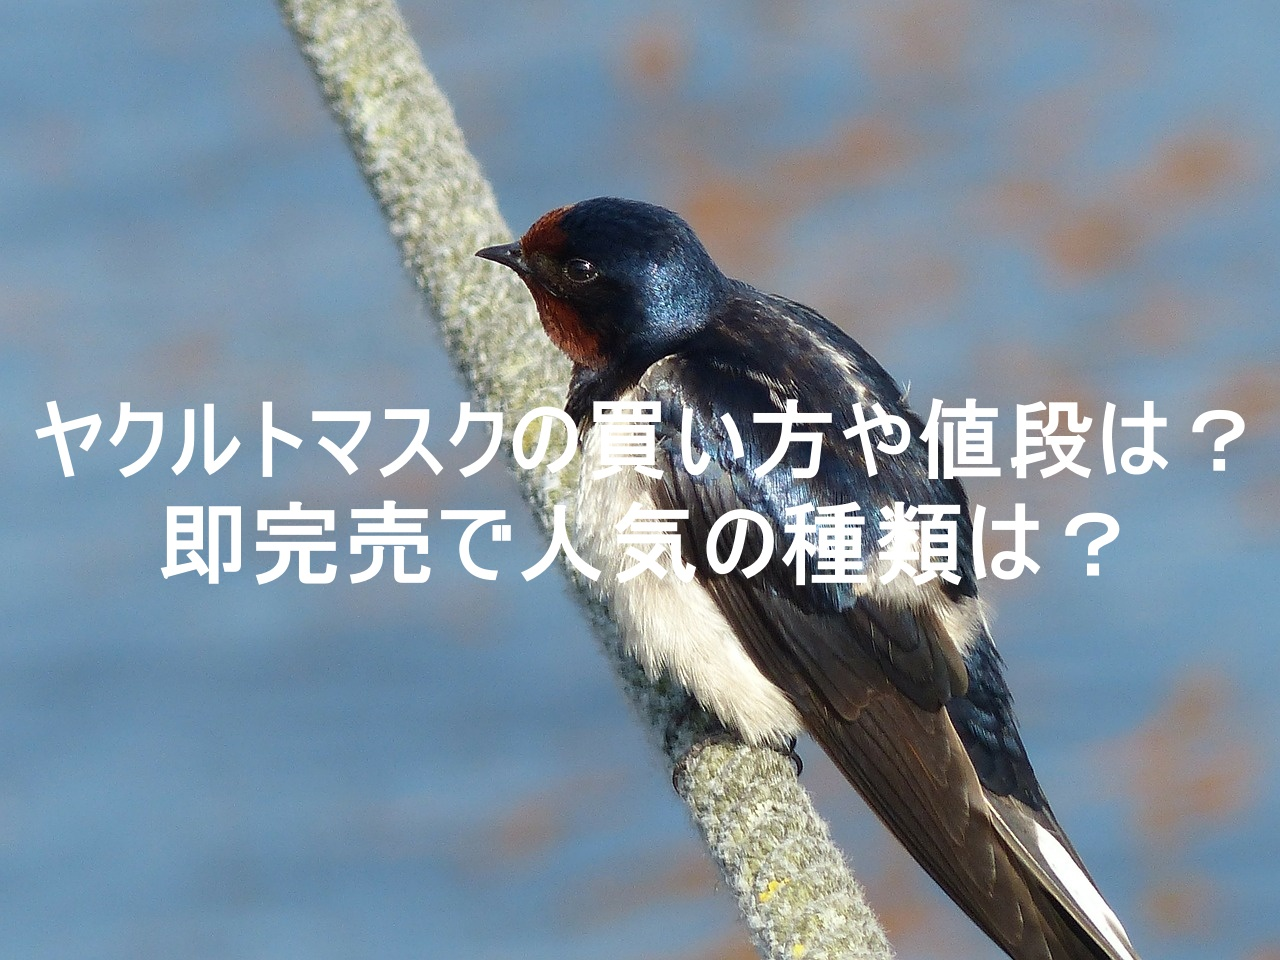 bird,photo